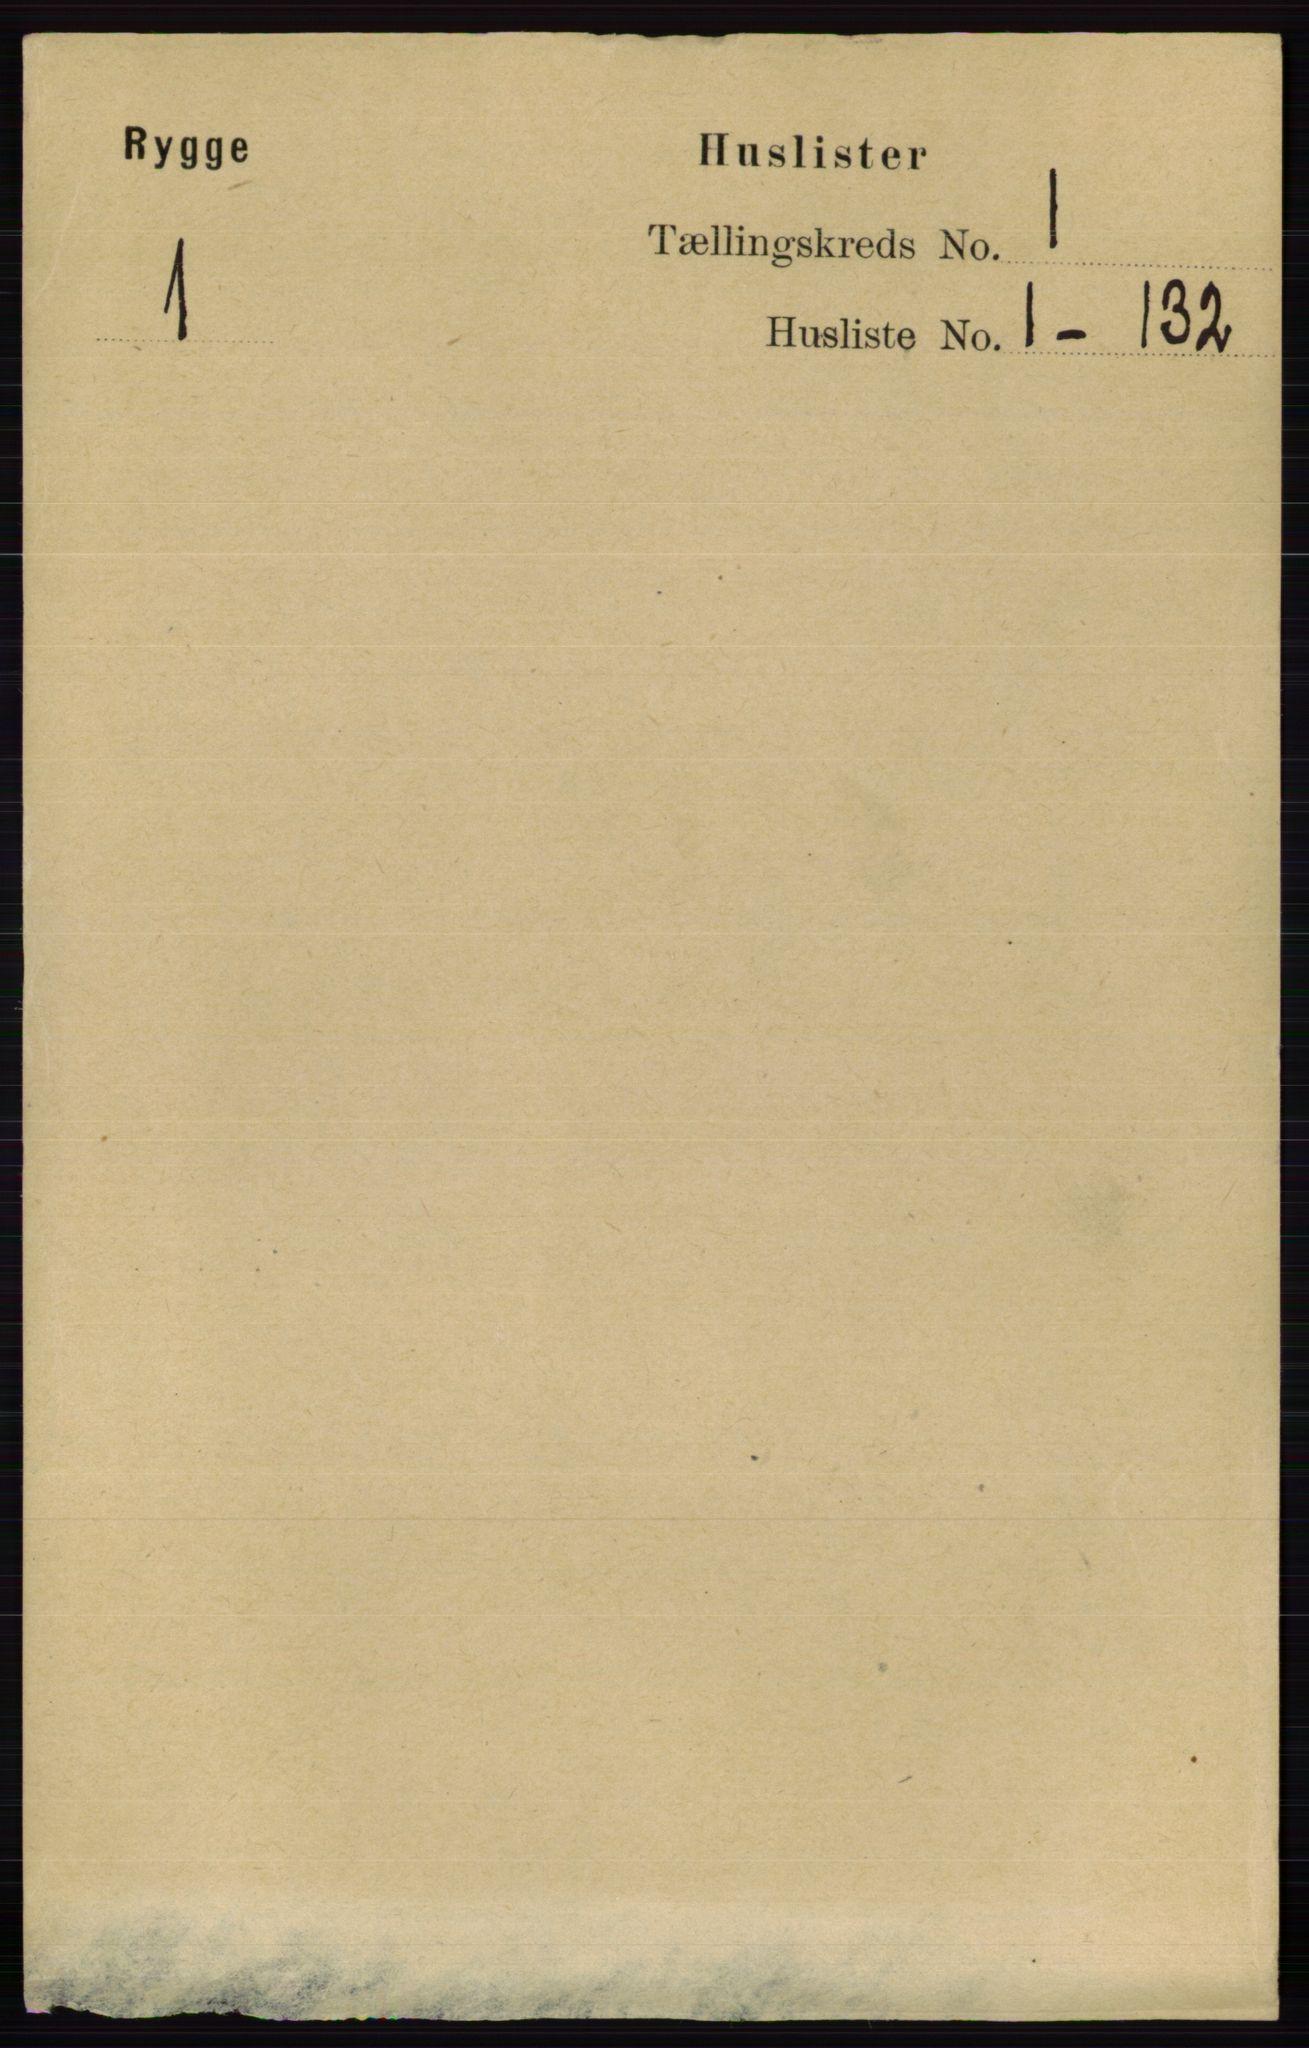 RA, Folketelling 1891 for 0136 Rygge herred, 1891, s. 22